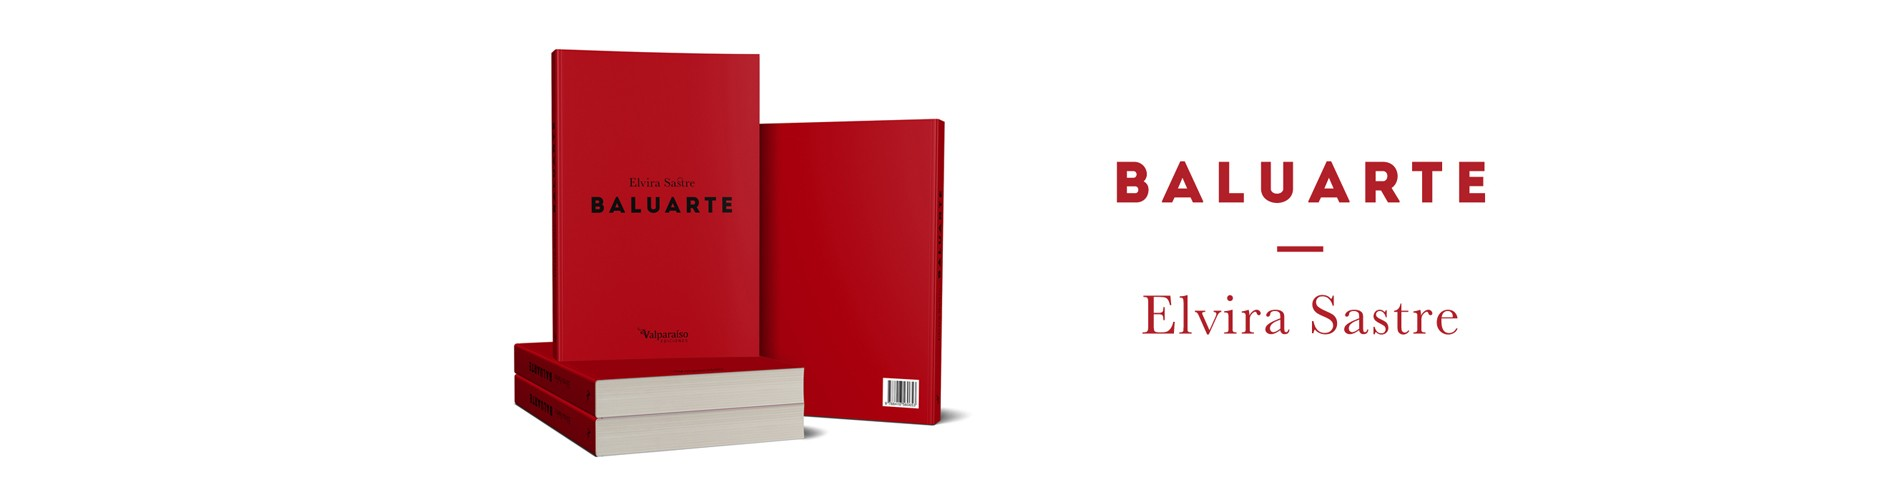 Baluarte edición Deluxe